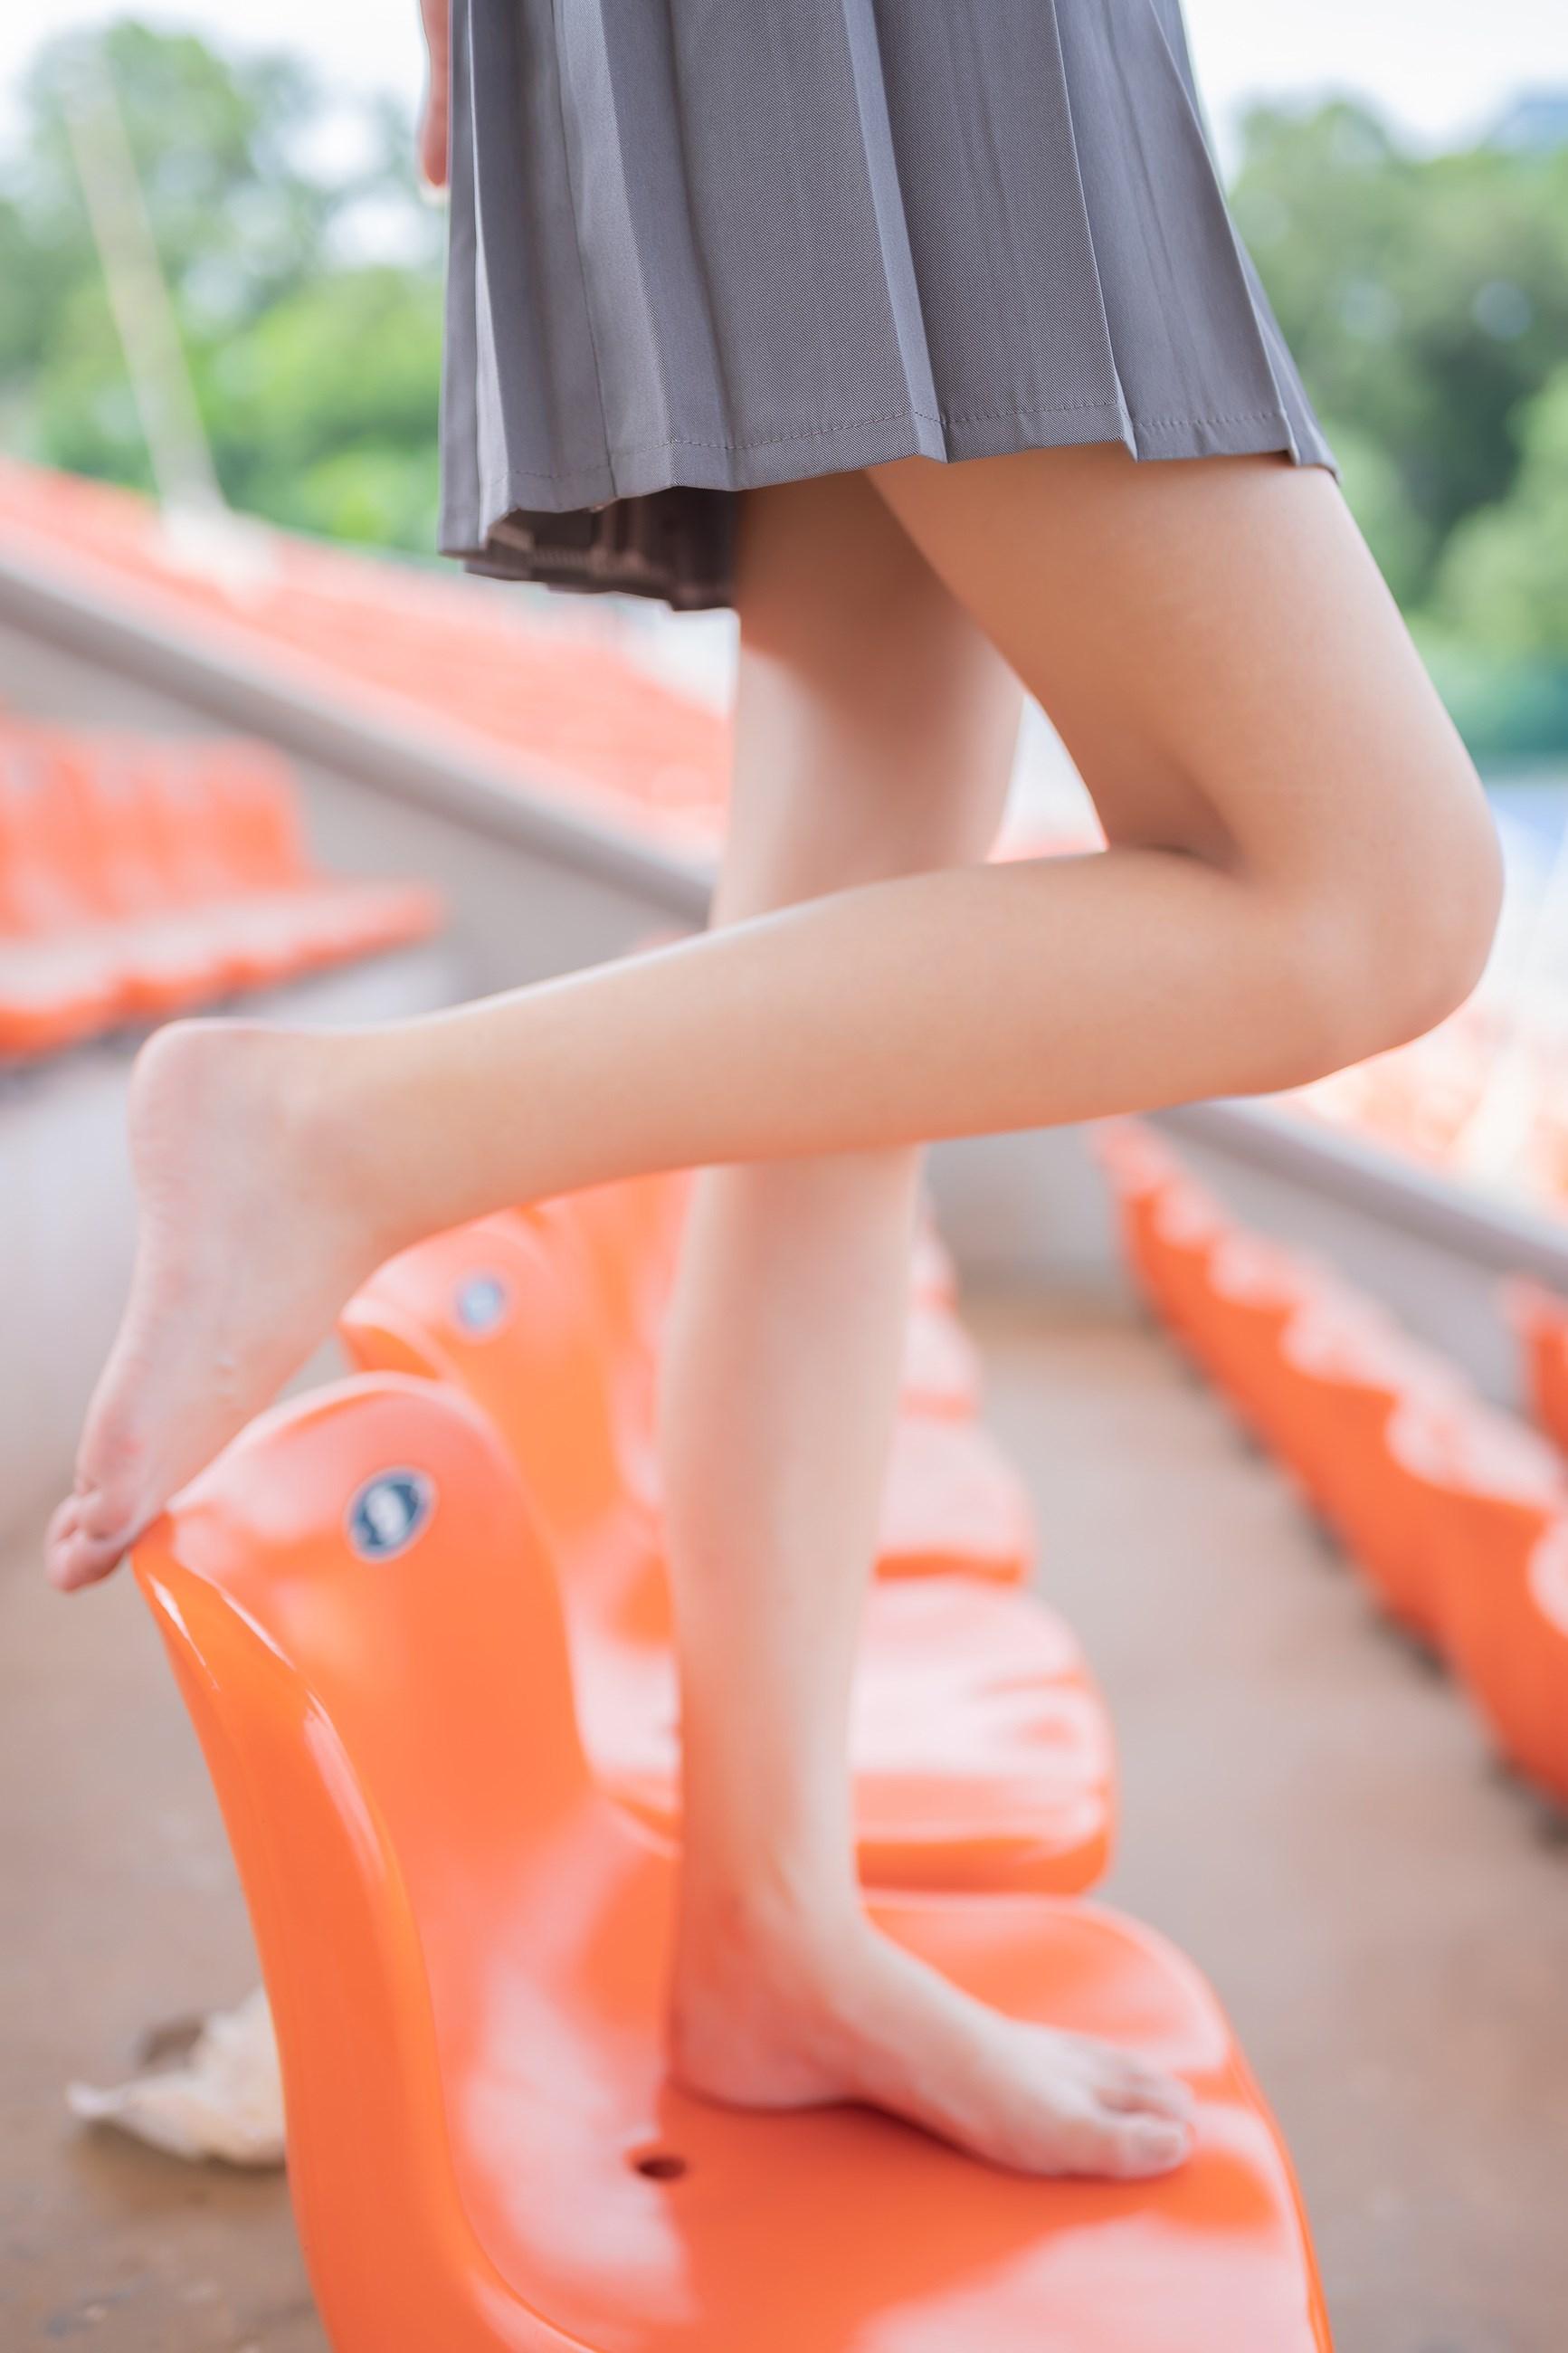 【兔玩映画】看台上的果腿少女 兔玩映画 第14张